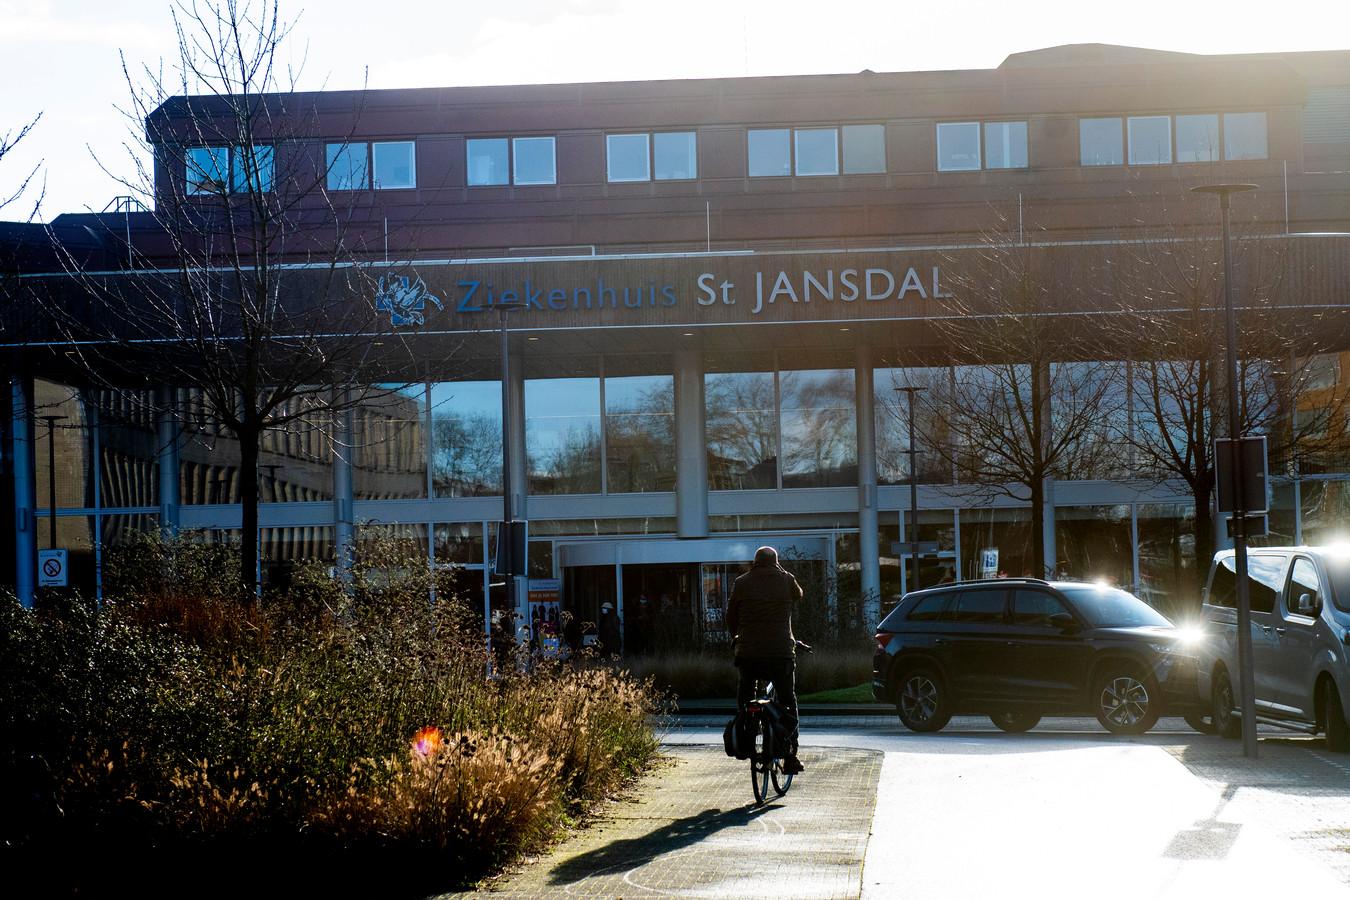 Harderwijk - Bij het Ziekenhuis St. Jansdal in Harderwijk is er geen opname stop meer. Foto Kevin Hagens KH20201230